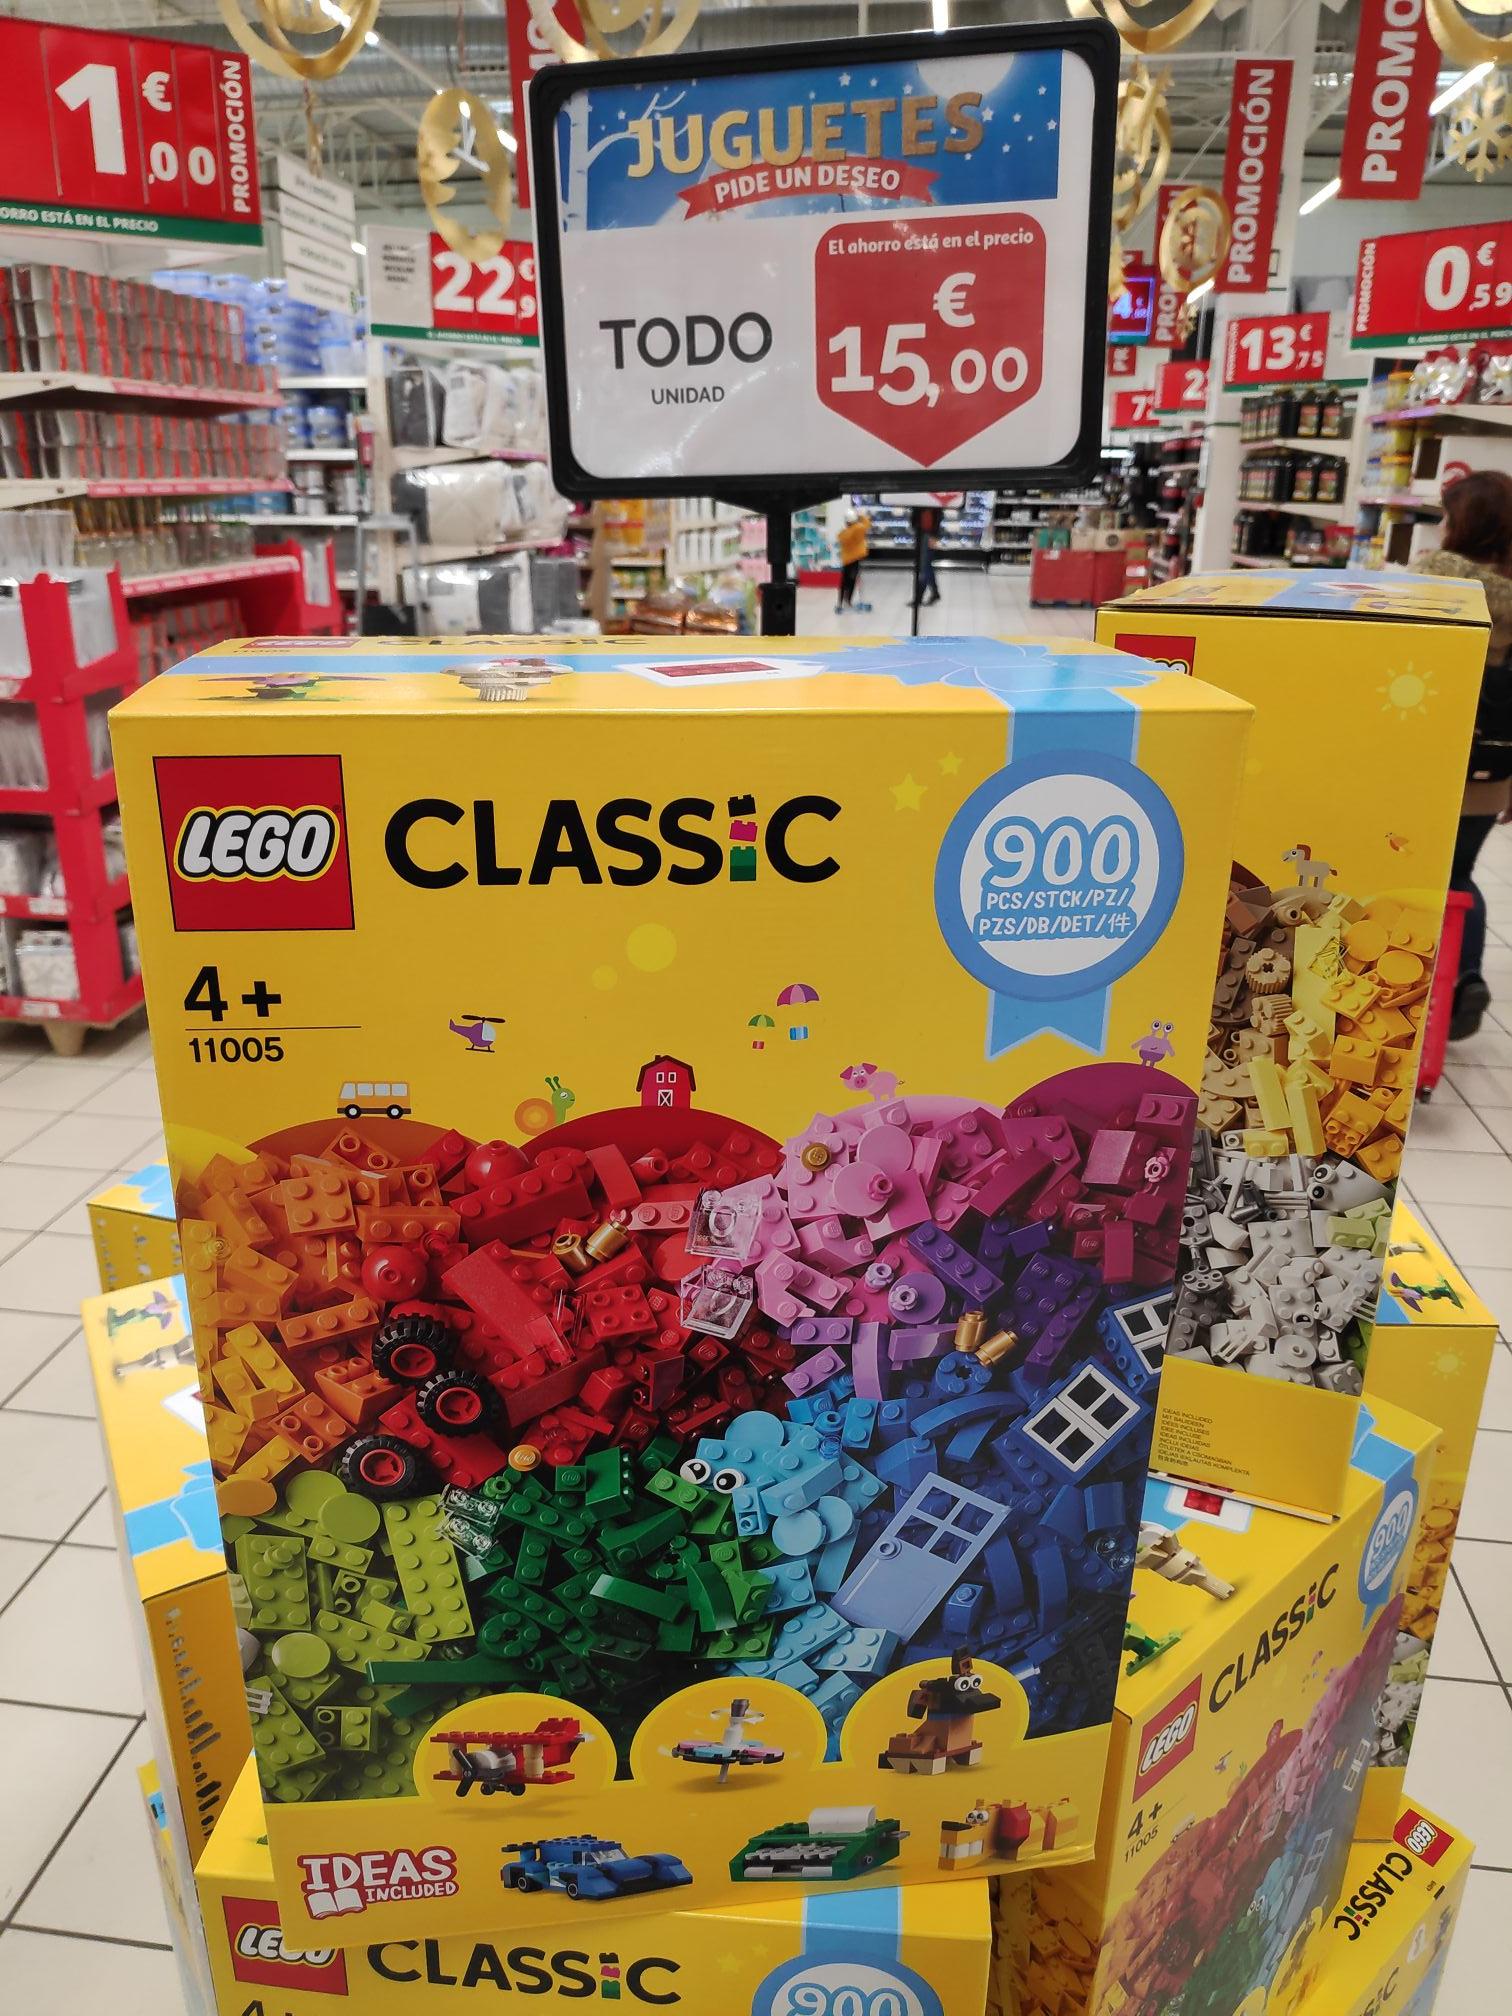 Lego Classic 11005 -900 piezas-